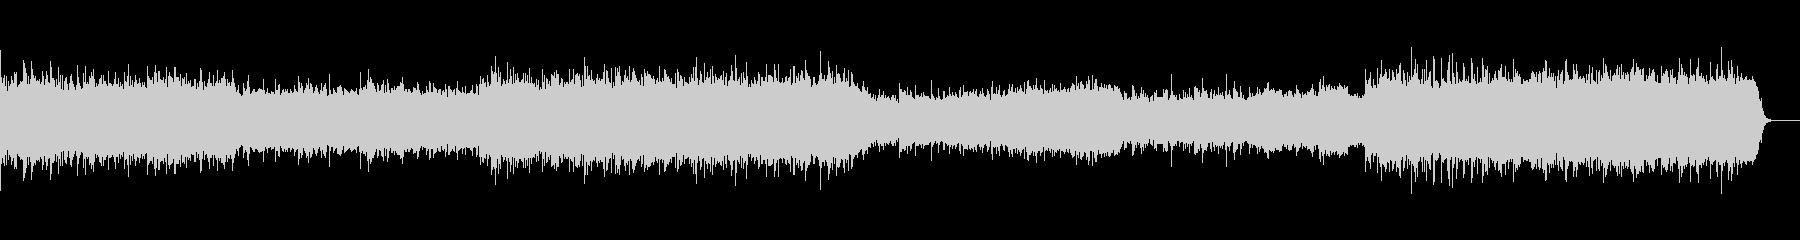 歌劇「ローエングリン」第3幕への前奏曲の未再生の波形